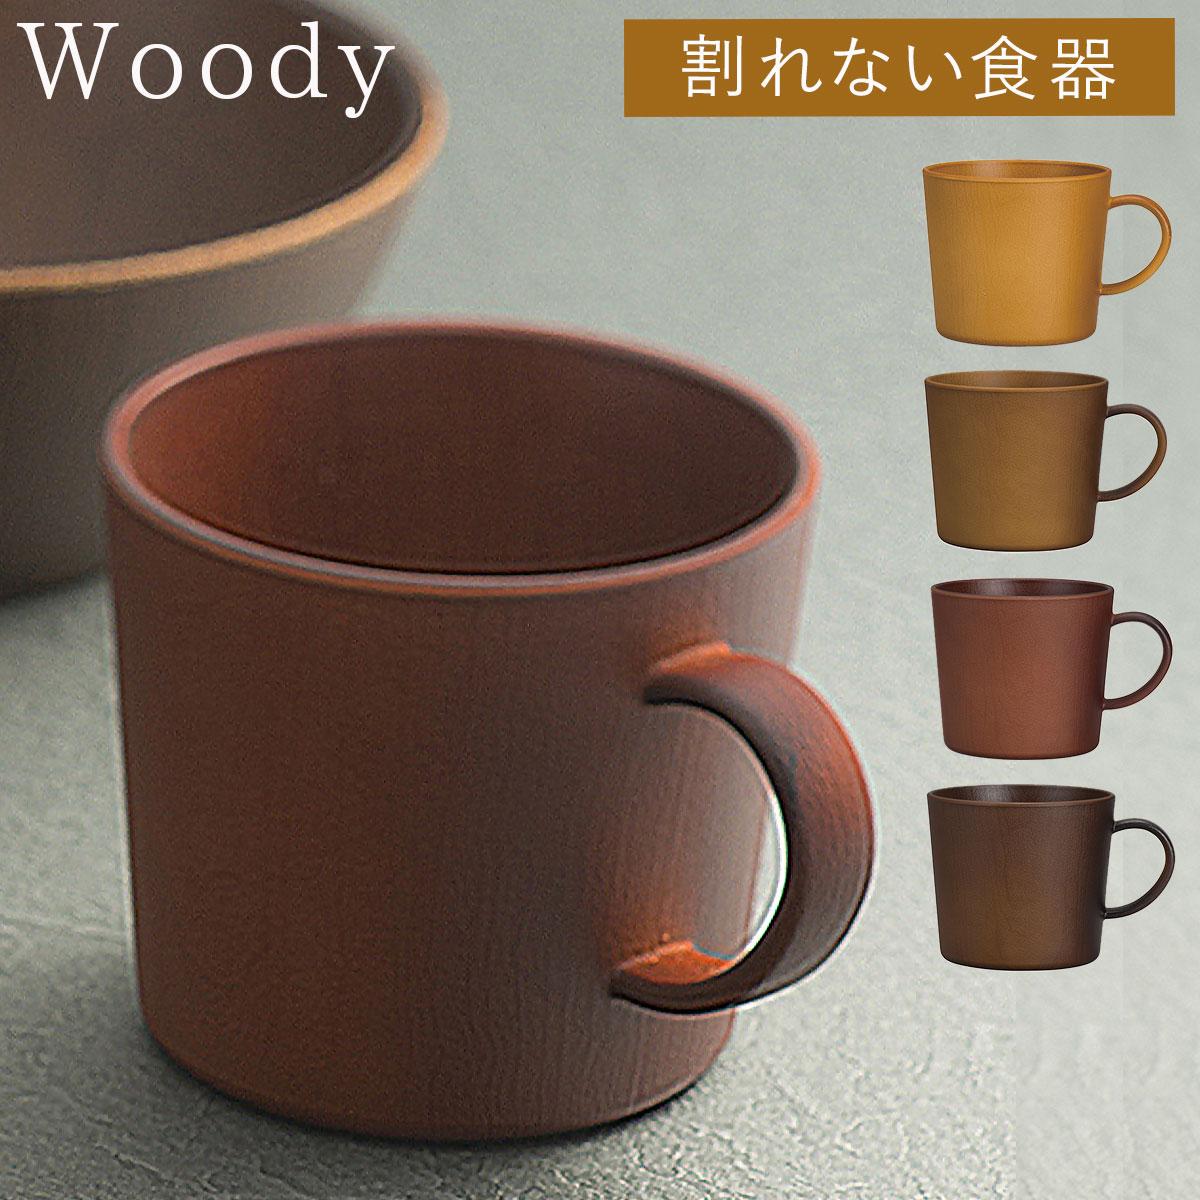 マグカップ・ティーカップ, マグカップ  woody BBQ